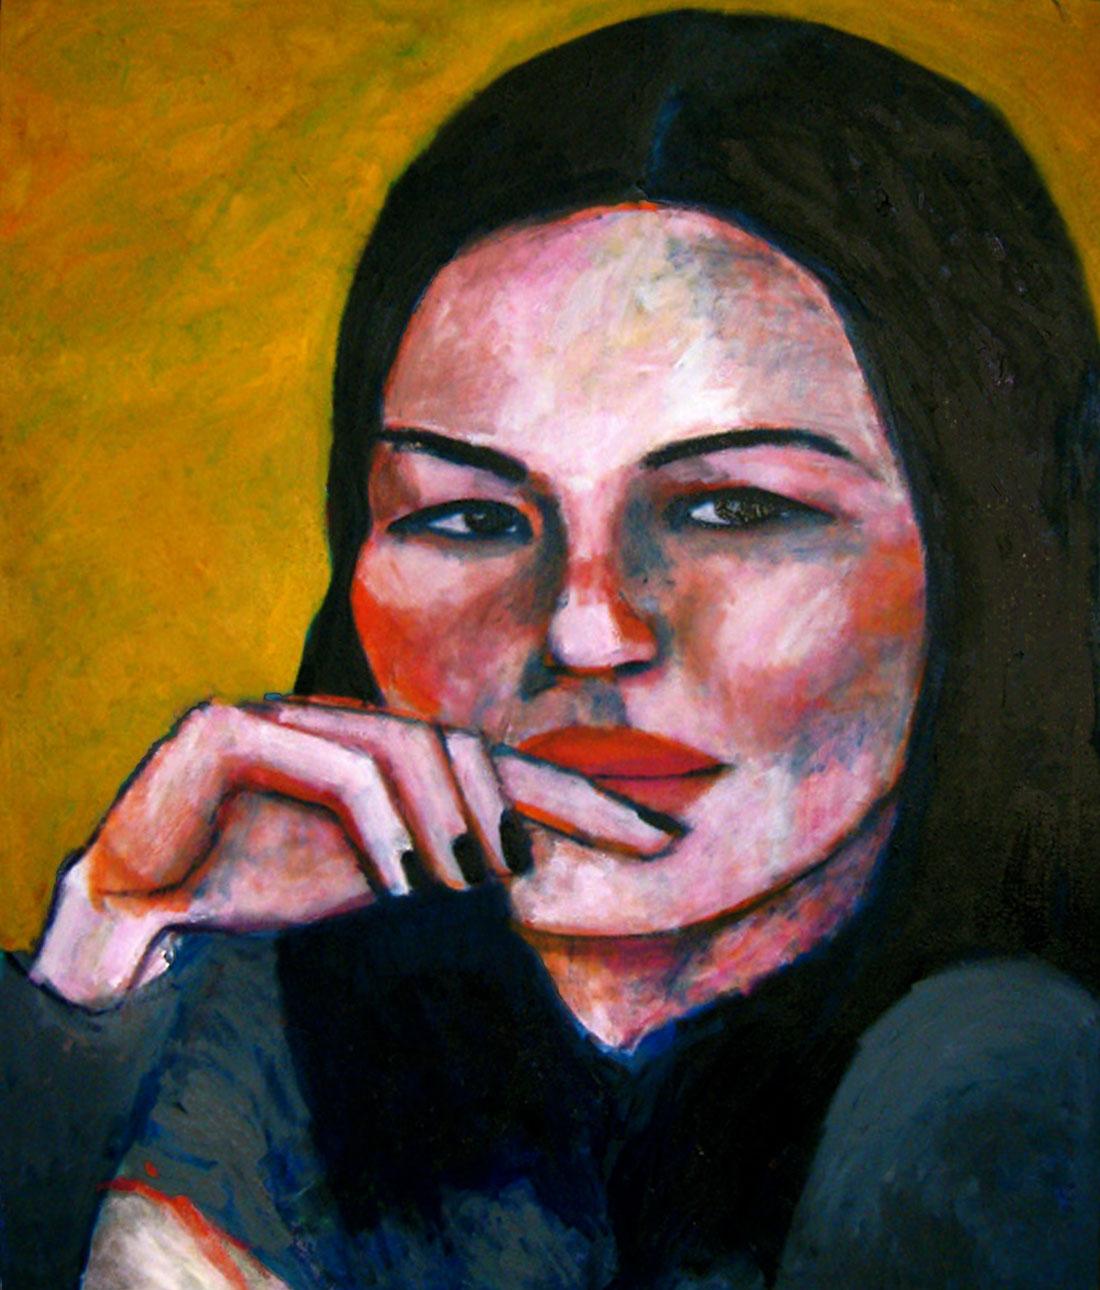 69_Chris-Too_oil-on-canvas-(150x160cm).jpg